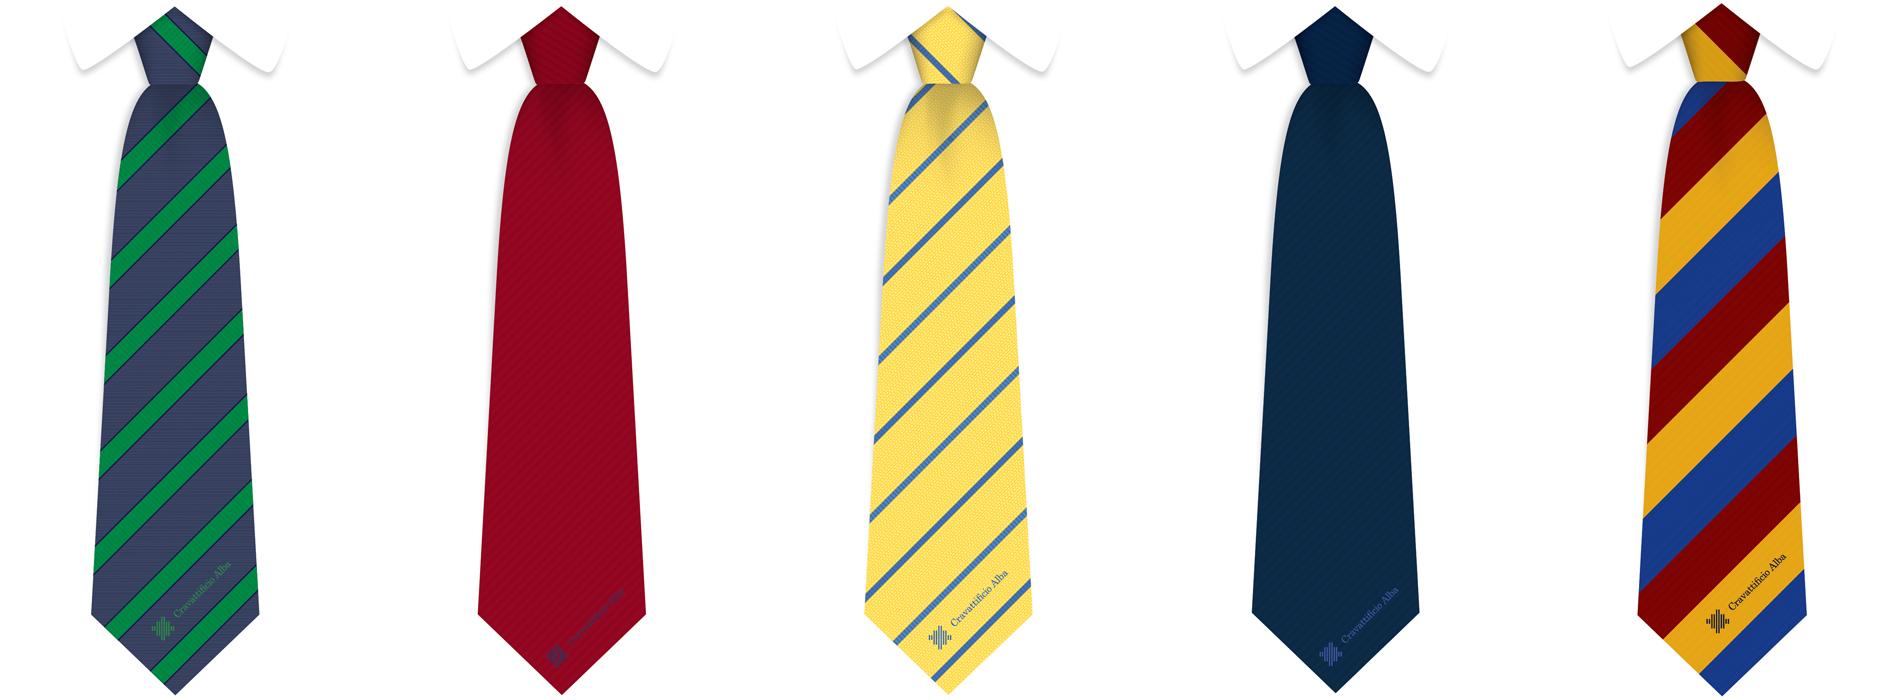 alba-cravatte-promozionali